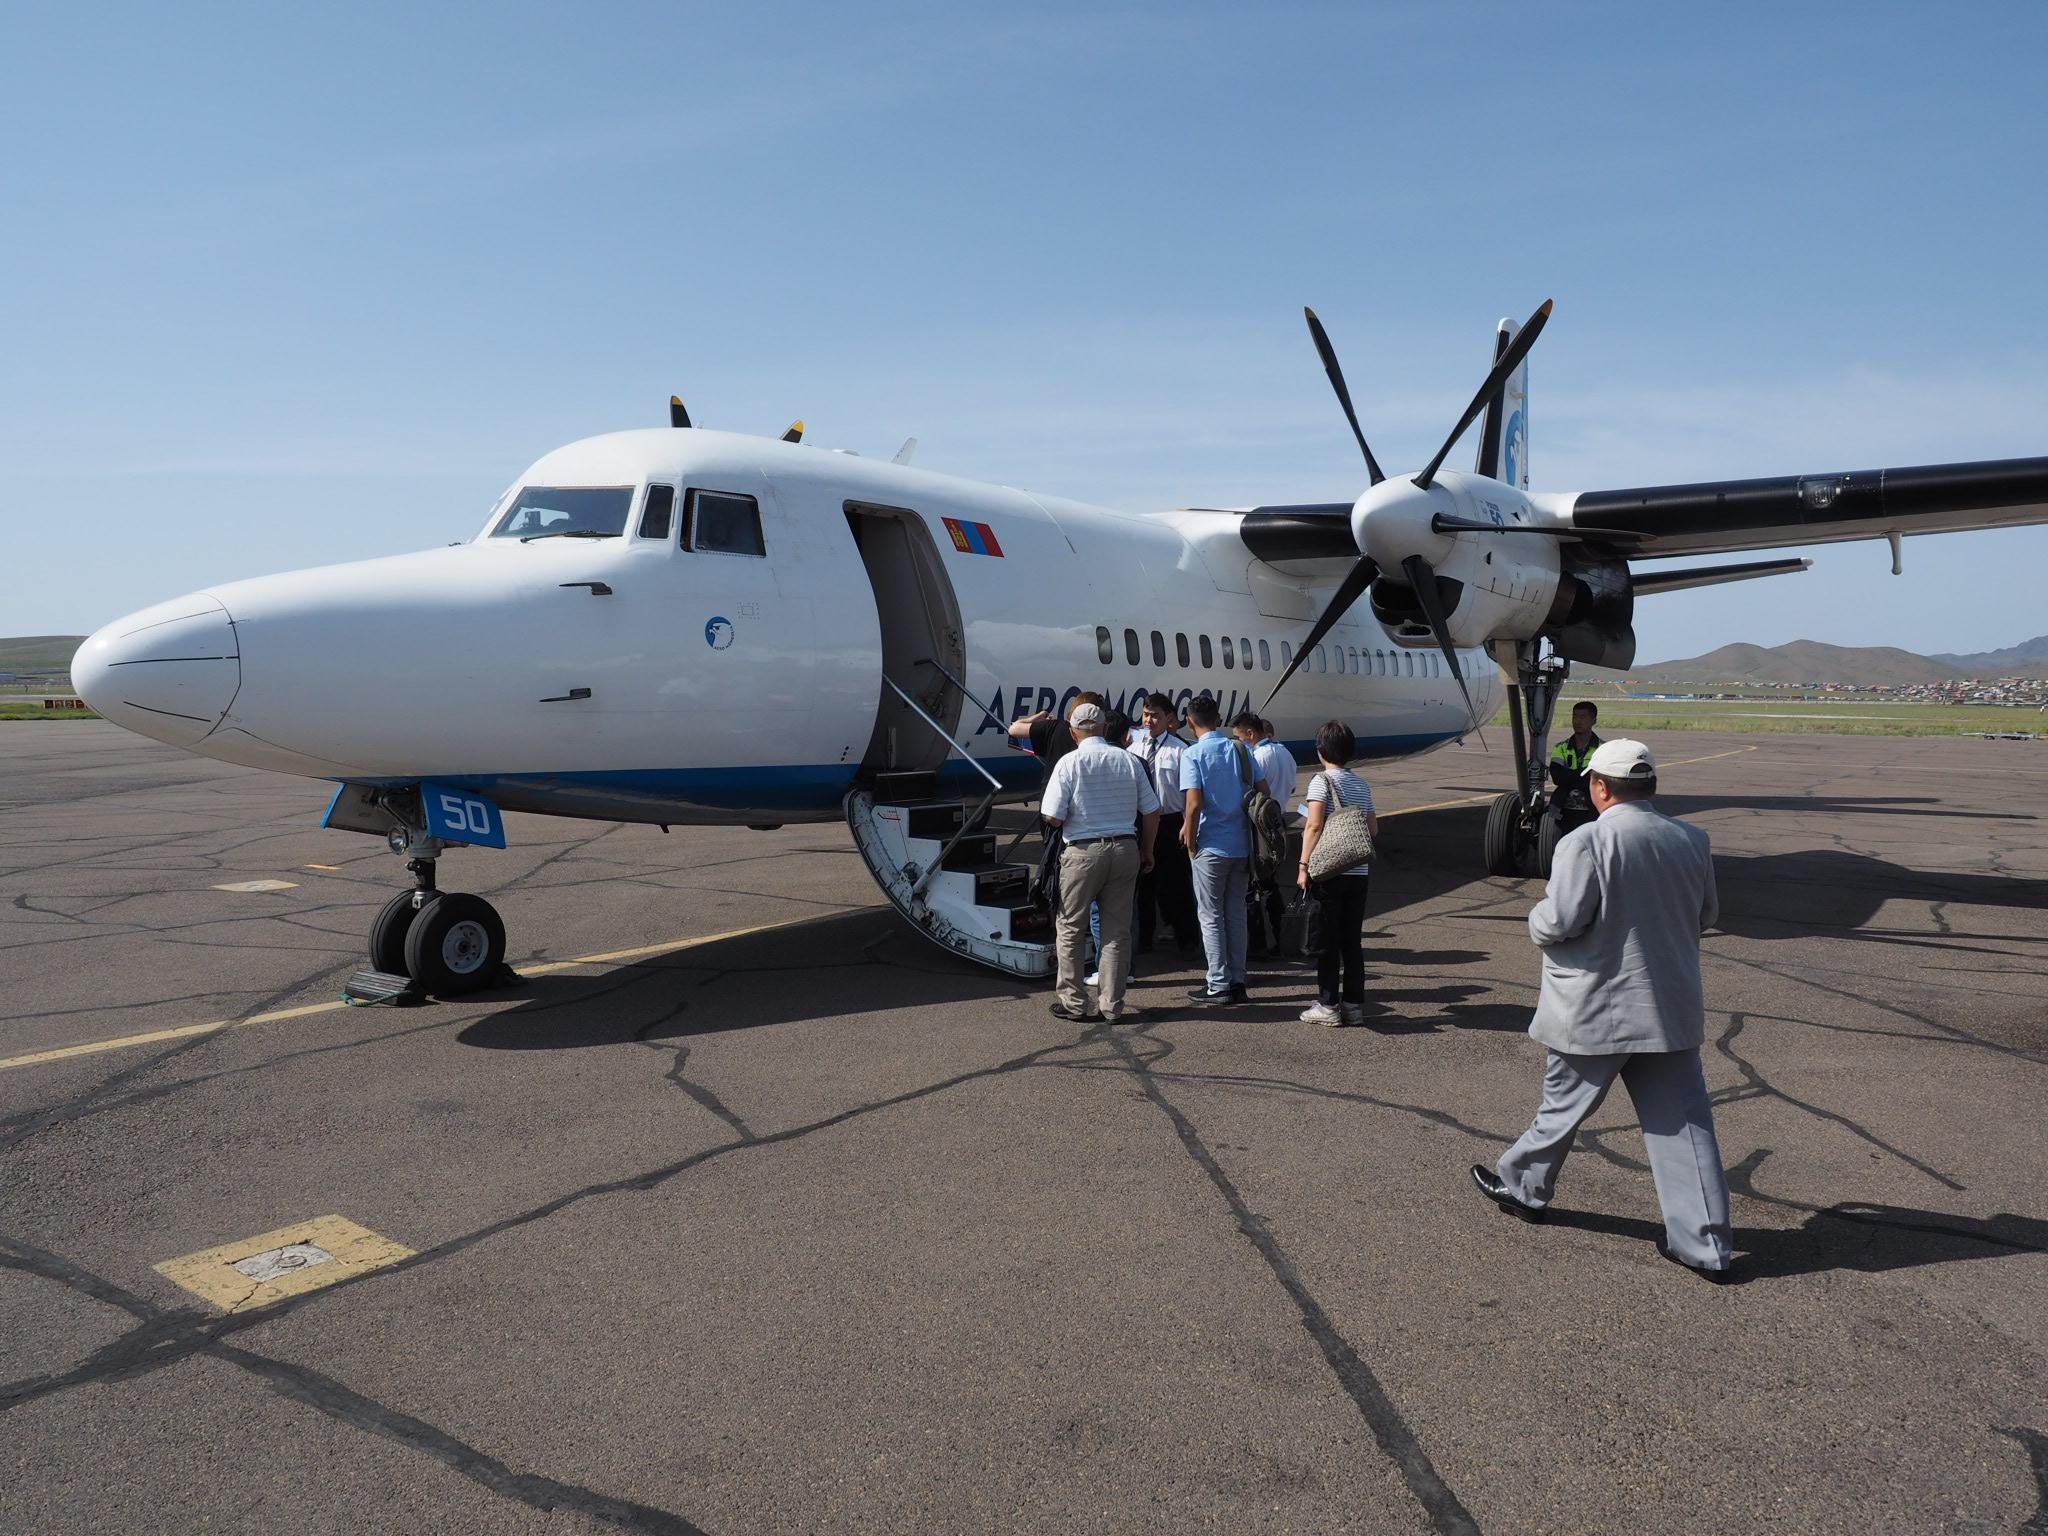 Abflug von Ulaanbataar nach Ölgli